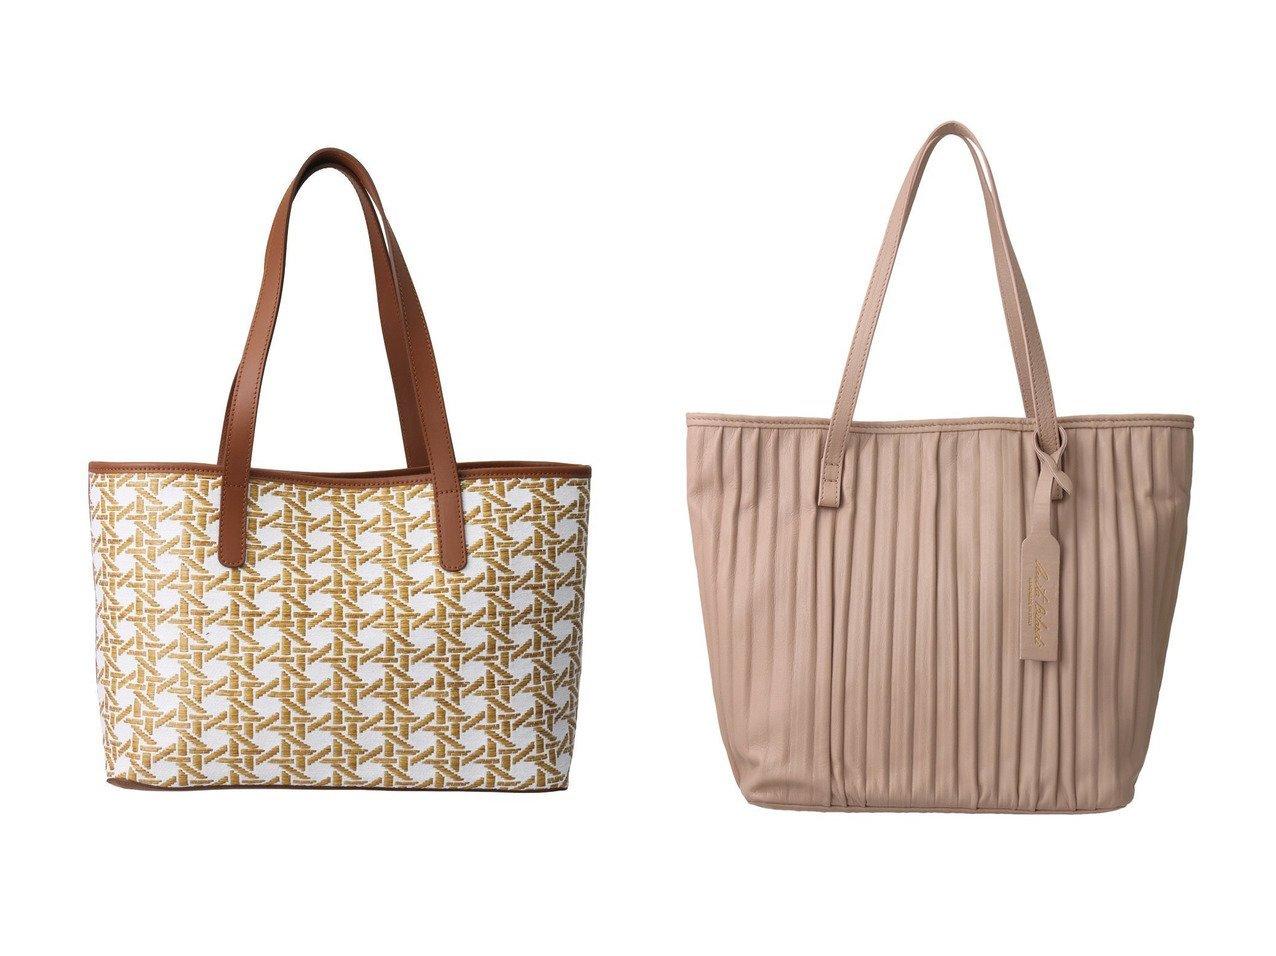 【ADORE/アドーア】の【ANITA BILARDI】バッグ&【ANAYI/アナイ】のI トートBAG 【バッグ・鞄】おすすめ!人気、トレンド・レディースファッションの通販 おすすめで人気の流行・トレンド、ファッションの通販商品 インテリア・家具・メンズファッション・キッズファッション・レディースファッション・服の通販 founy(ファニー) https://founy.com/ ファッション Fashion レディースファッション WOMEN バッグ Bag シンプル パイピング パターン フォルム ポケット  ID:crp329100000048169